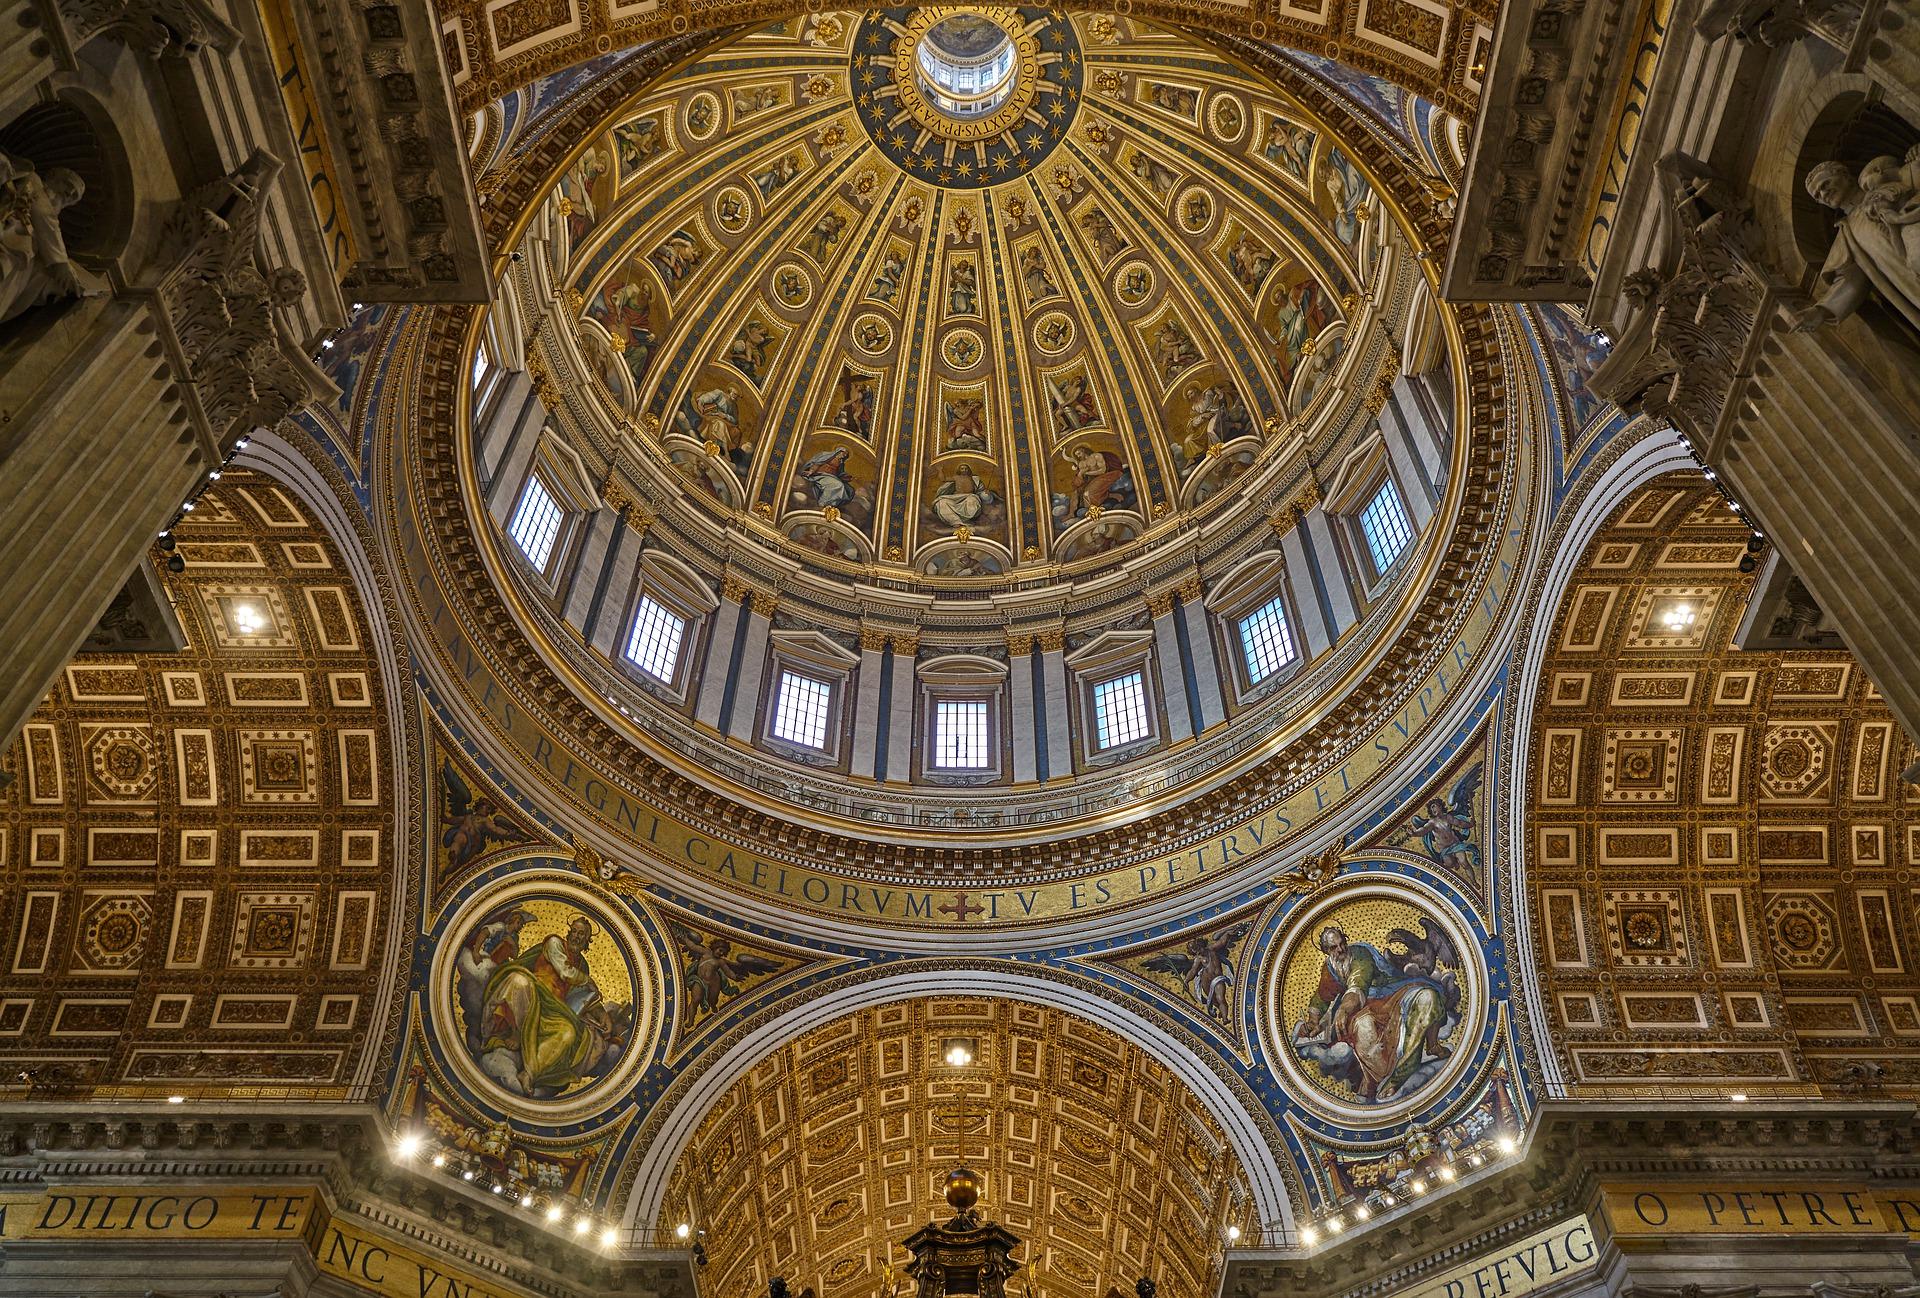 24 novembre - La basilica di San Pietro: incontro tra storia, arte e fede